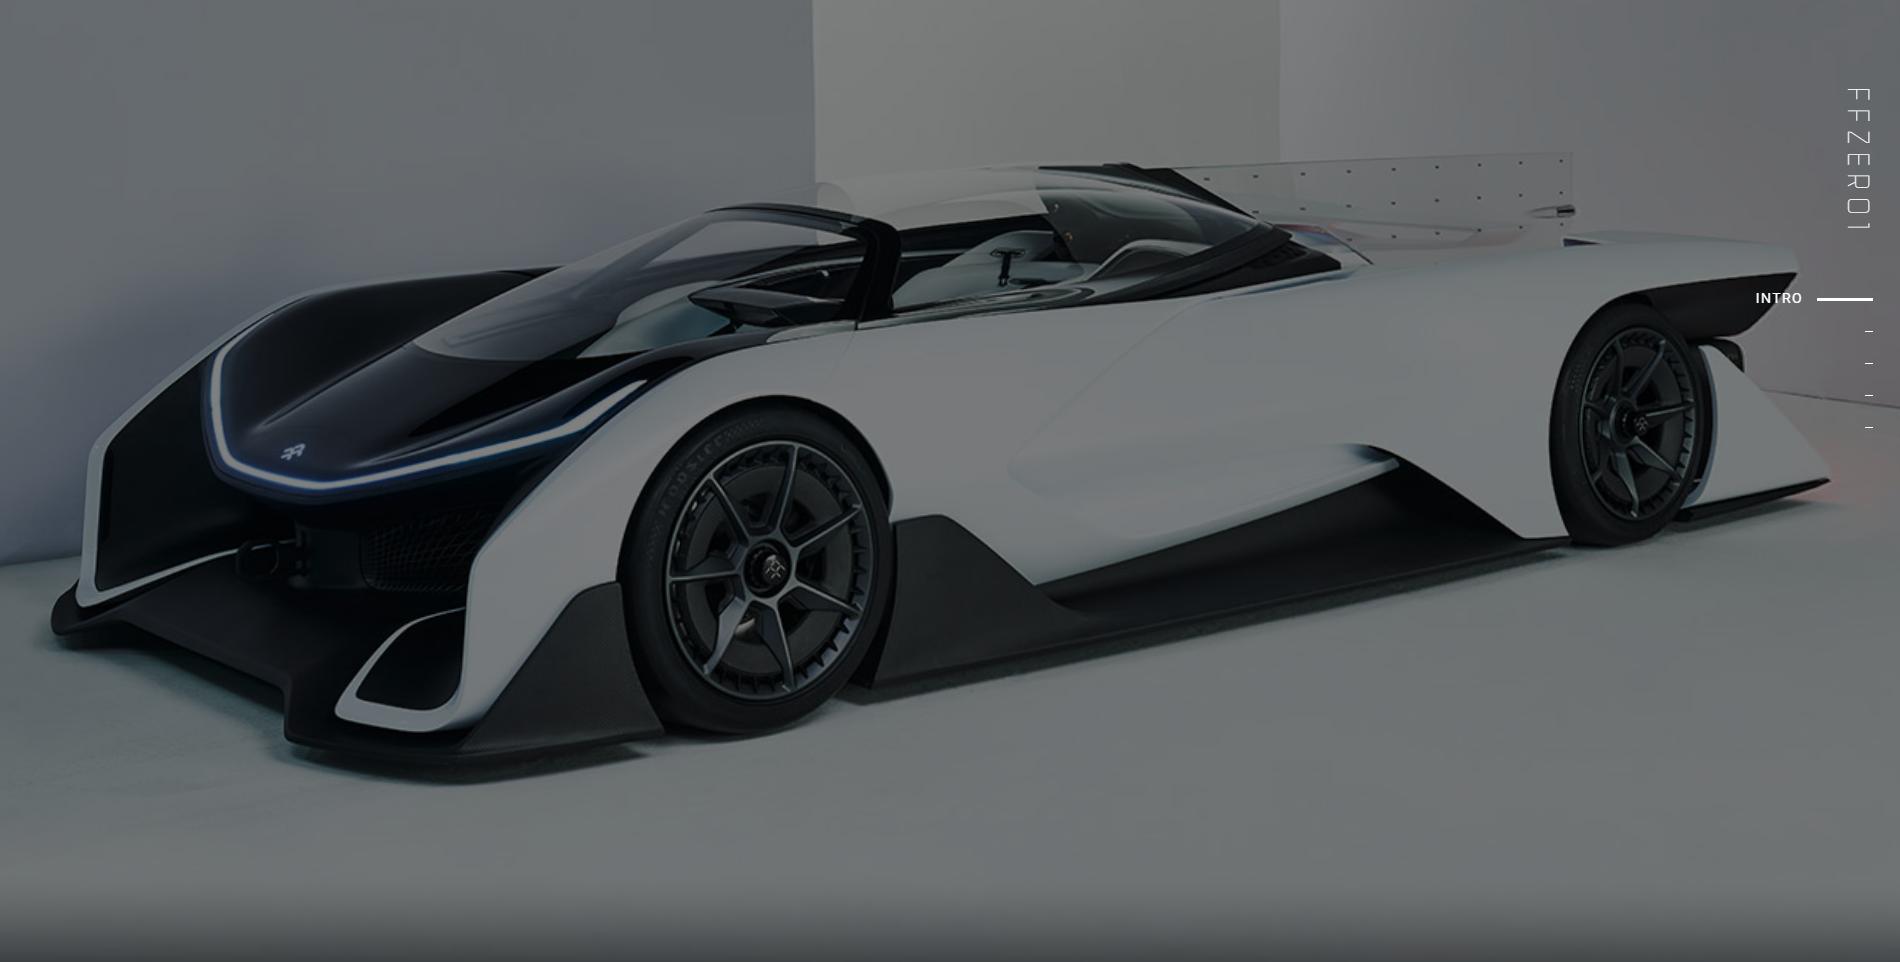 Faraday Future FFZERO1 EV